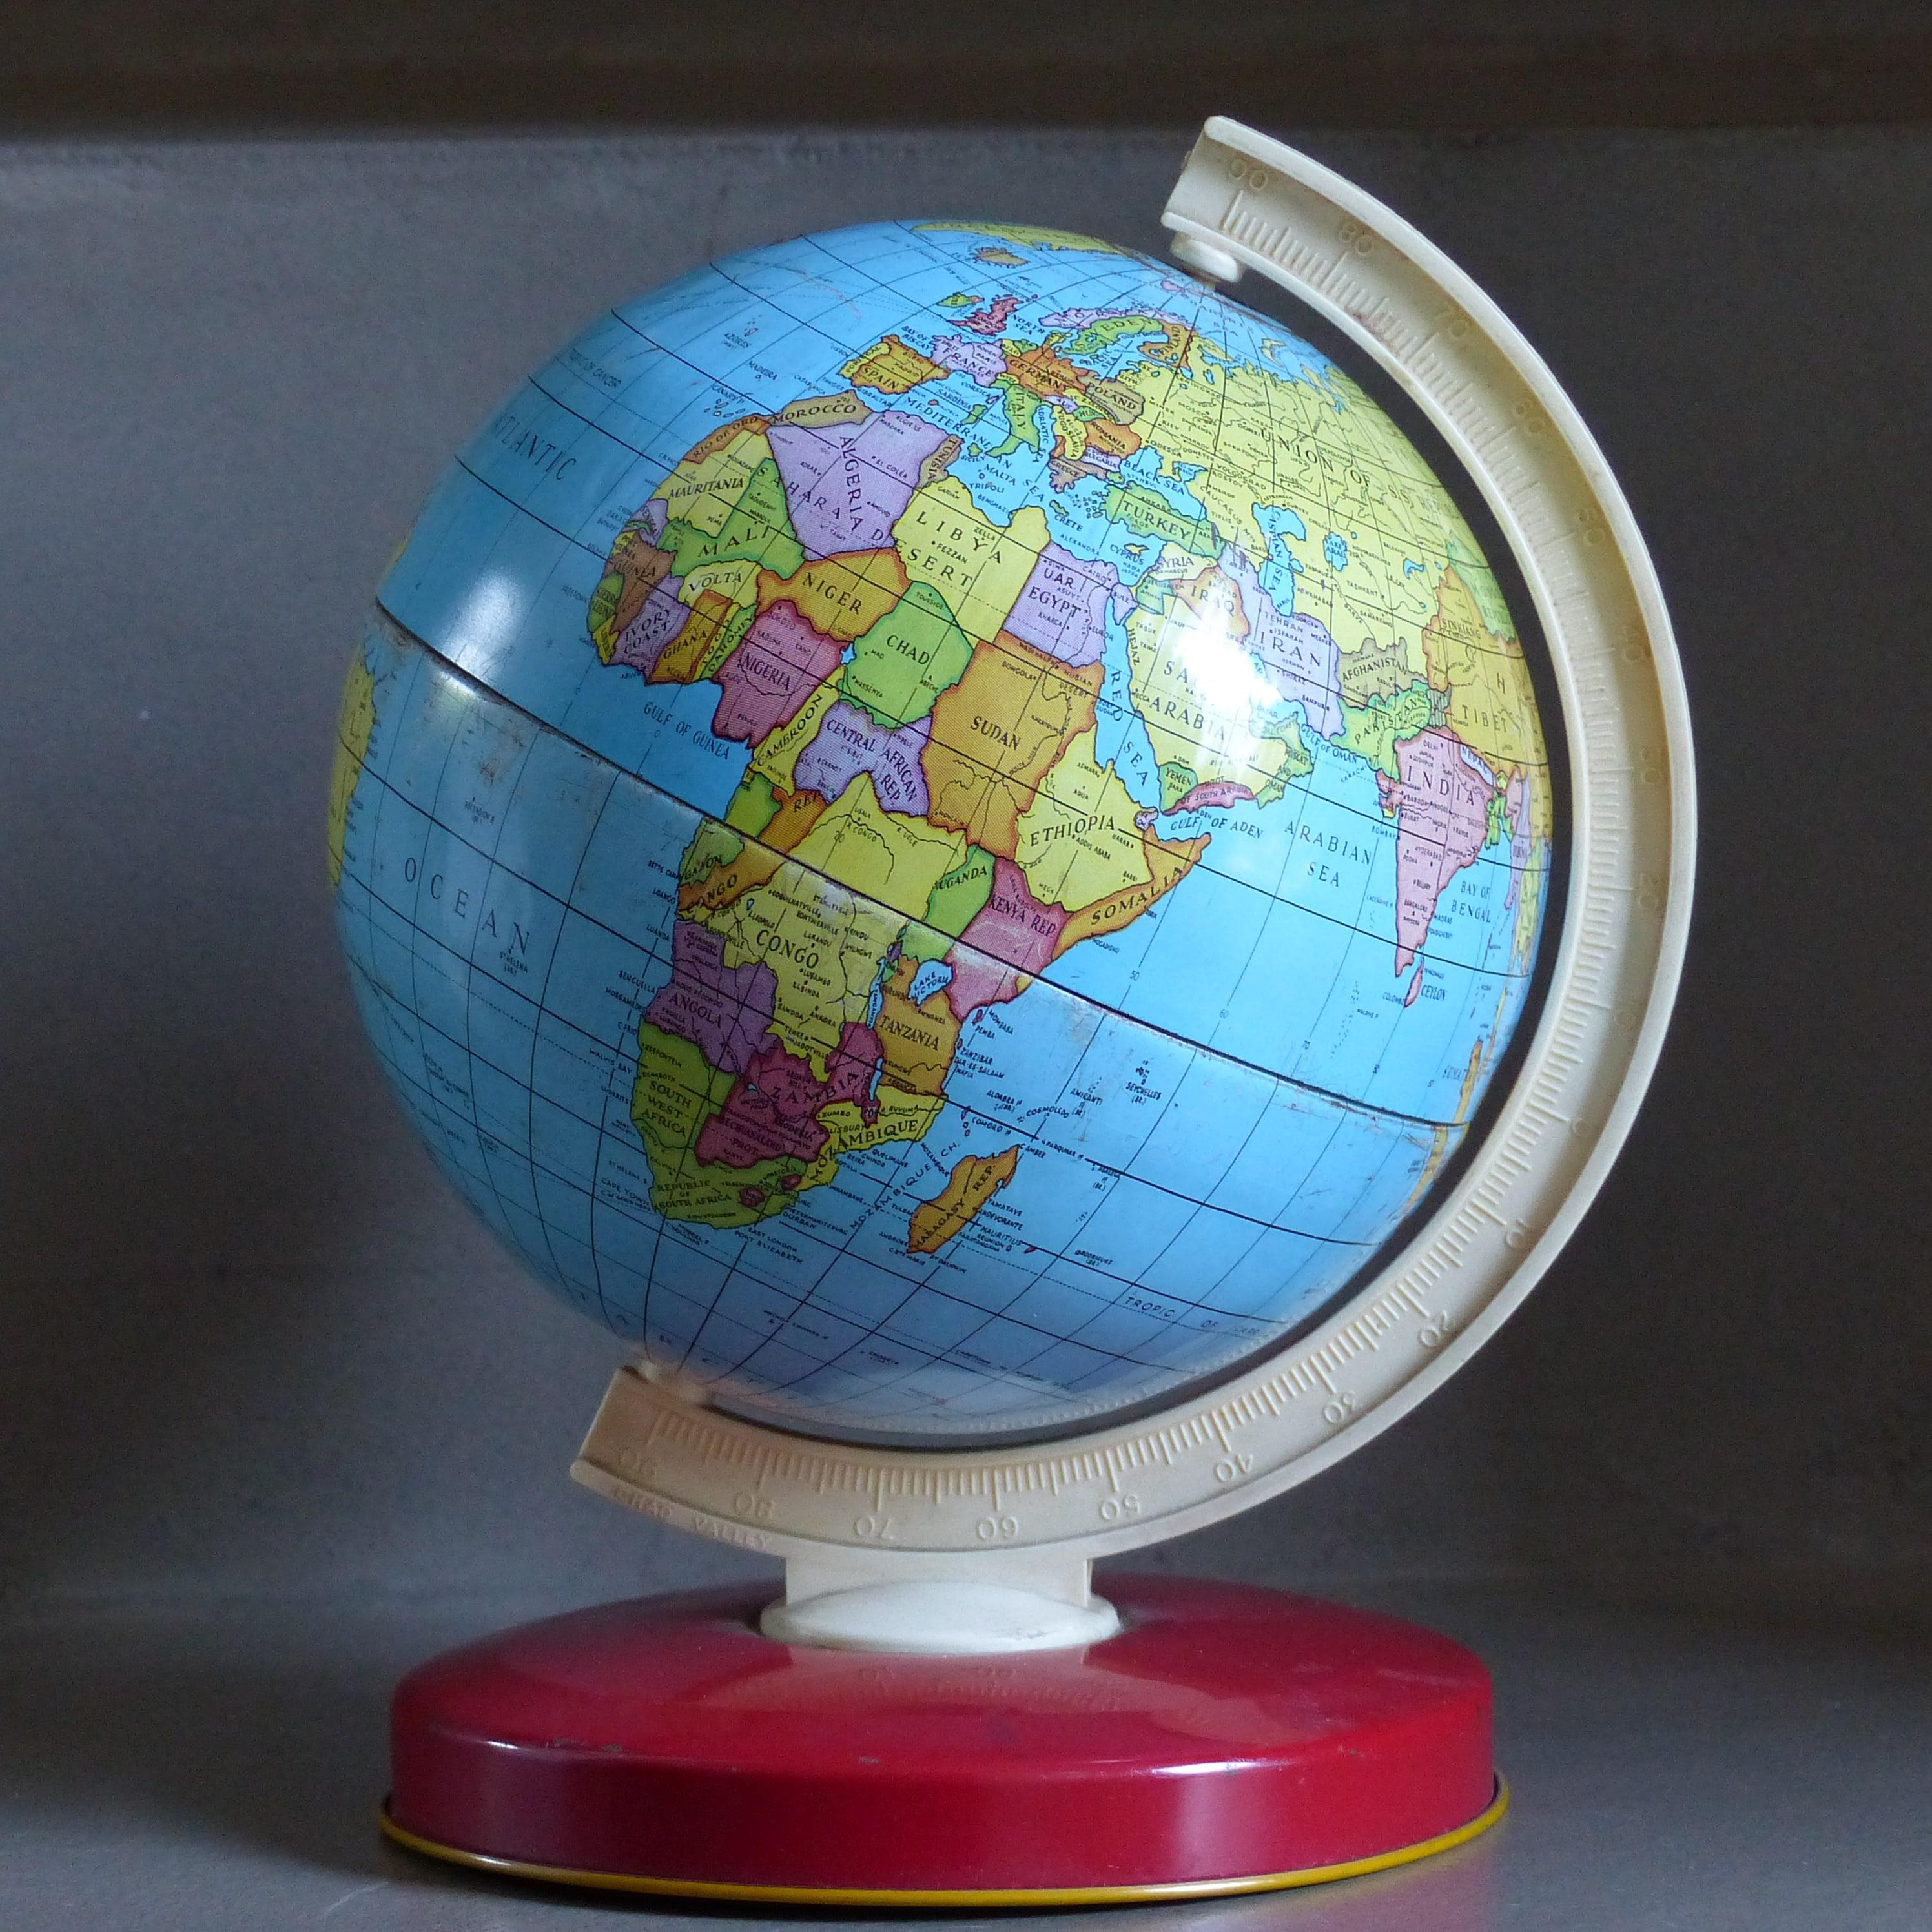 petit globe terrestre en m tal vintage lignedebrocante brocante en ligne chine pour vous. Black Bedroom Furniture Sets. Home Design Ideas